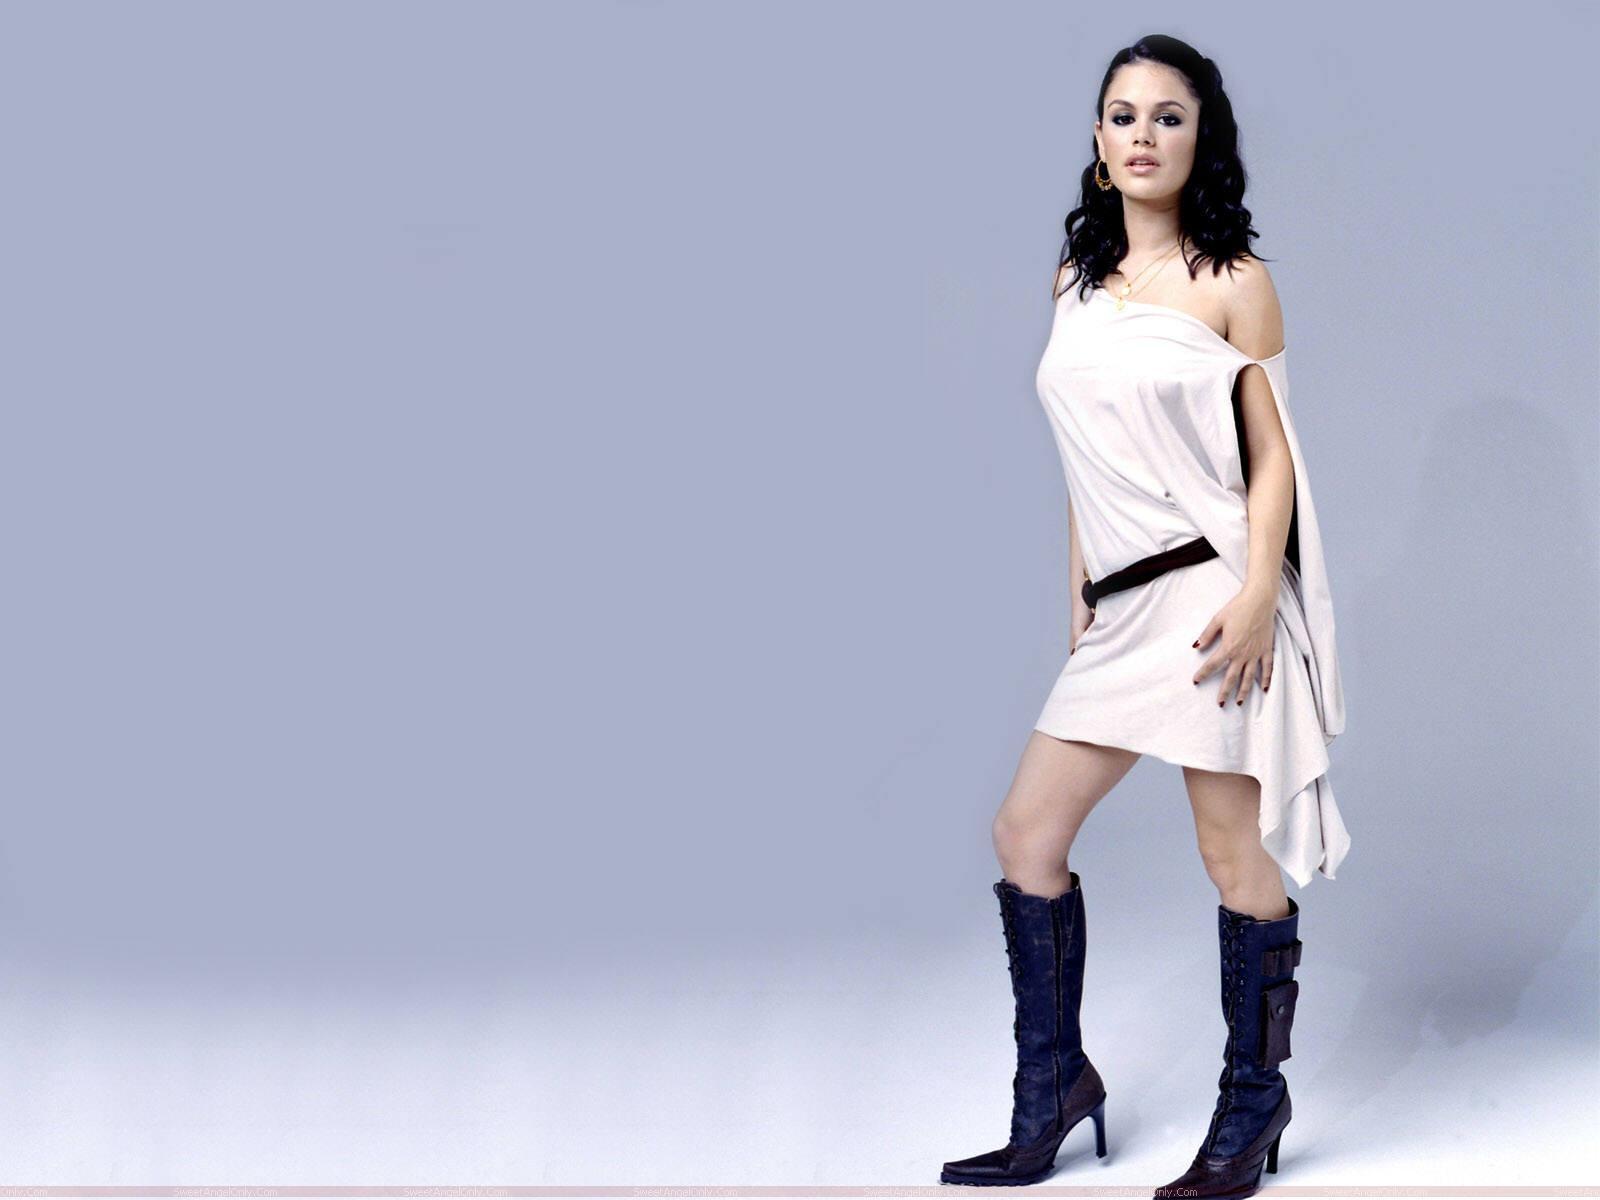 http://4.bp.blogspot.com/-sFAyjrt1wkU/TjLJ0KNHi7I/AAAAAAAAH44/vTo02sOG60k/s1600/rachel_sarah_bilson_hot_photo_shoot.jpg